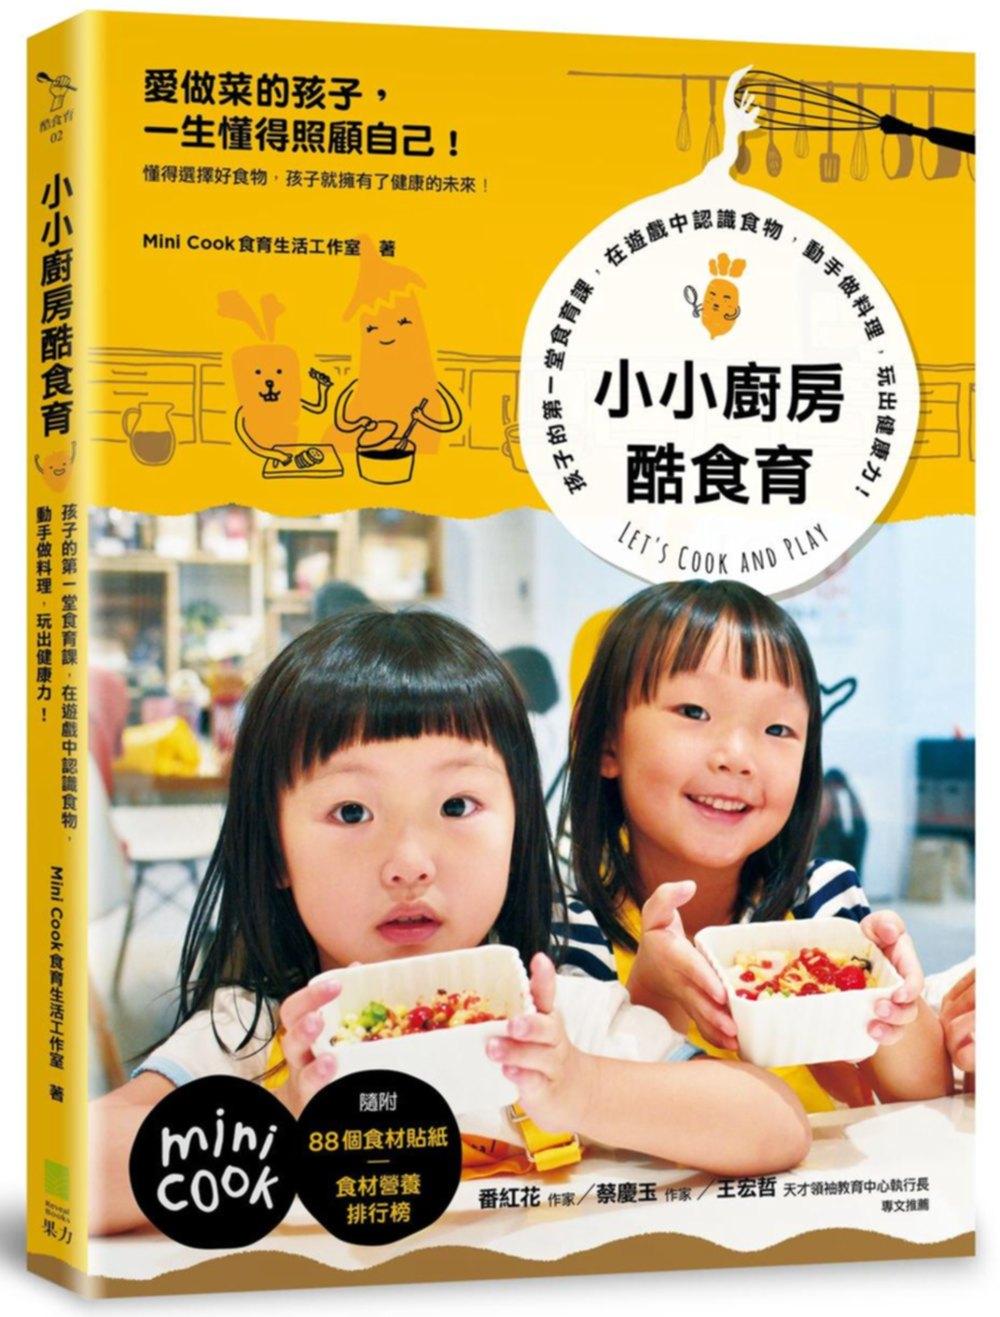 小小廚房酷食育:孩子的第一堂食育課,在遊戲中認識食物,動手做料理,玩出健康力!